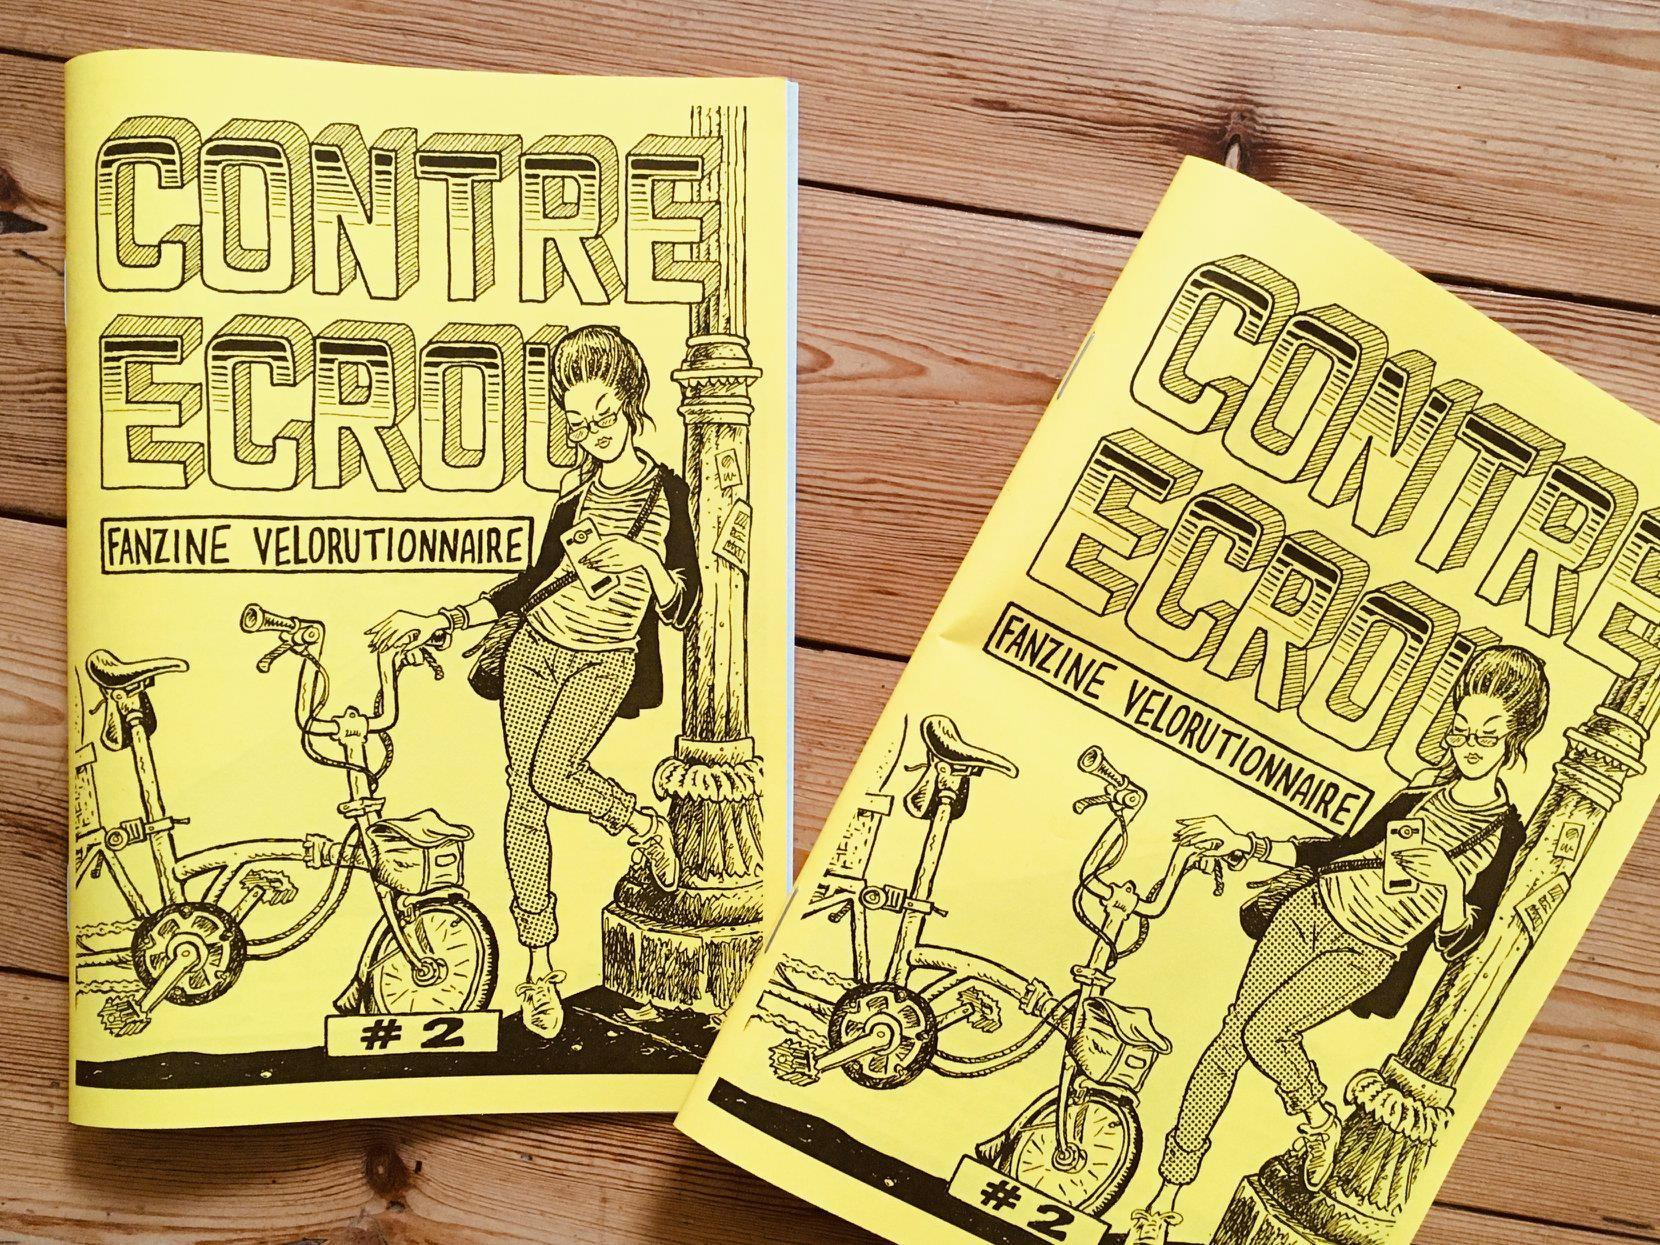 Contre-écrou #2, fanzine vélorutionnaire - Prix libre (coût de fabrication indicatif 1€)